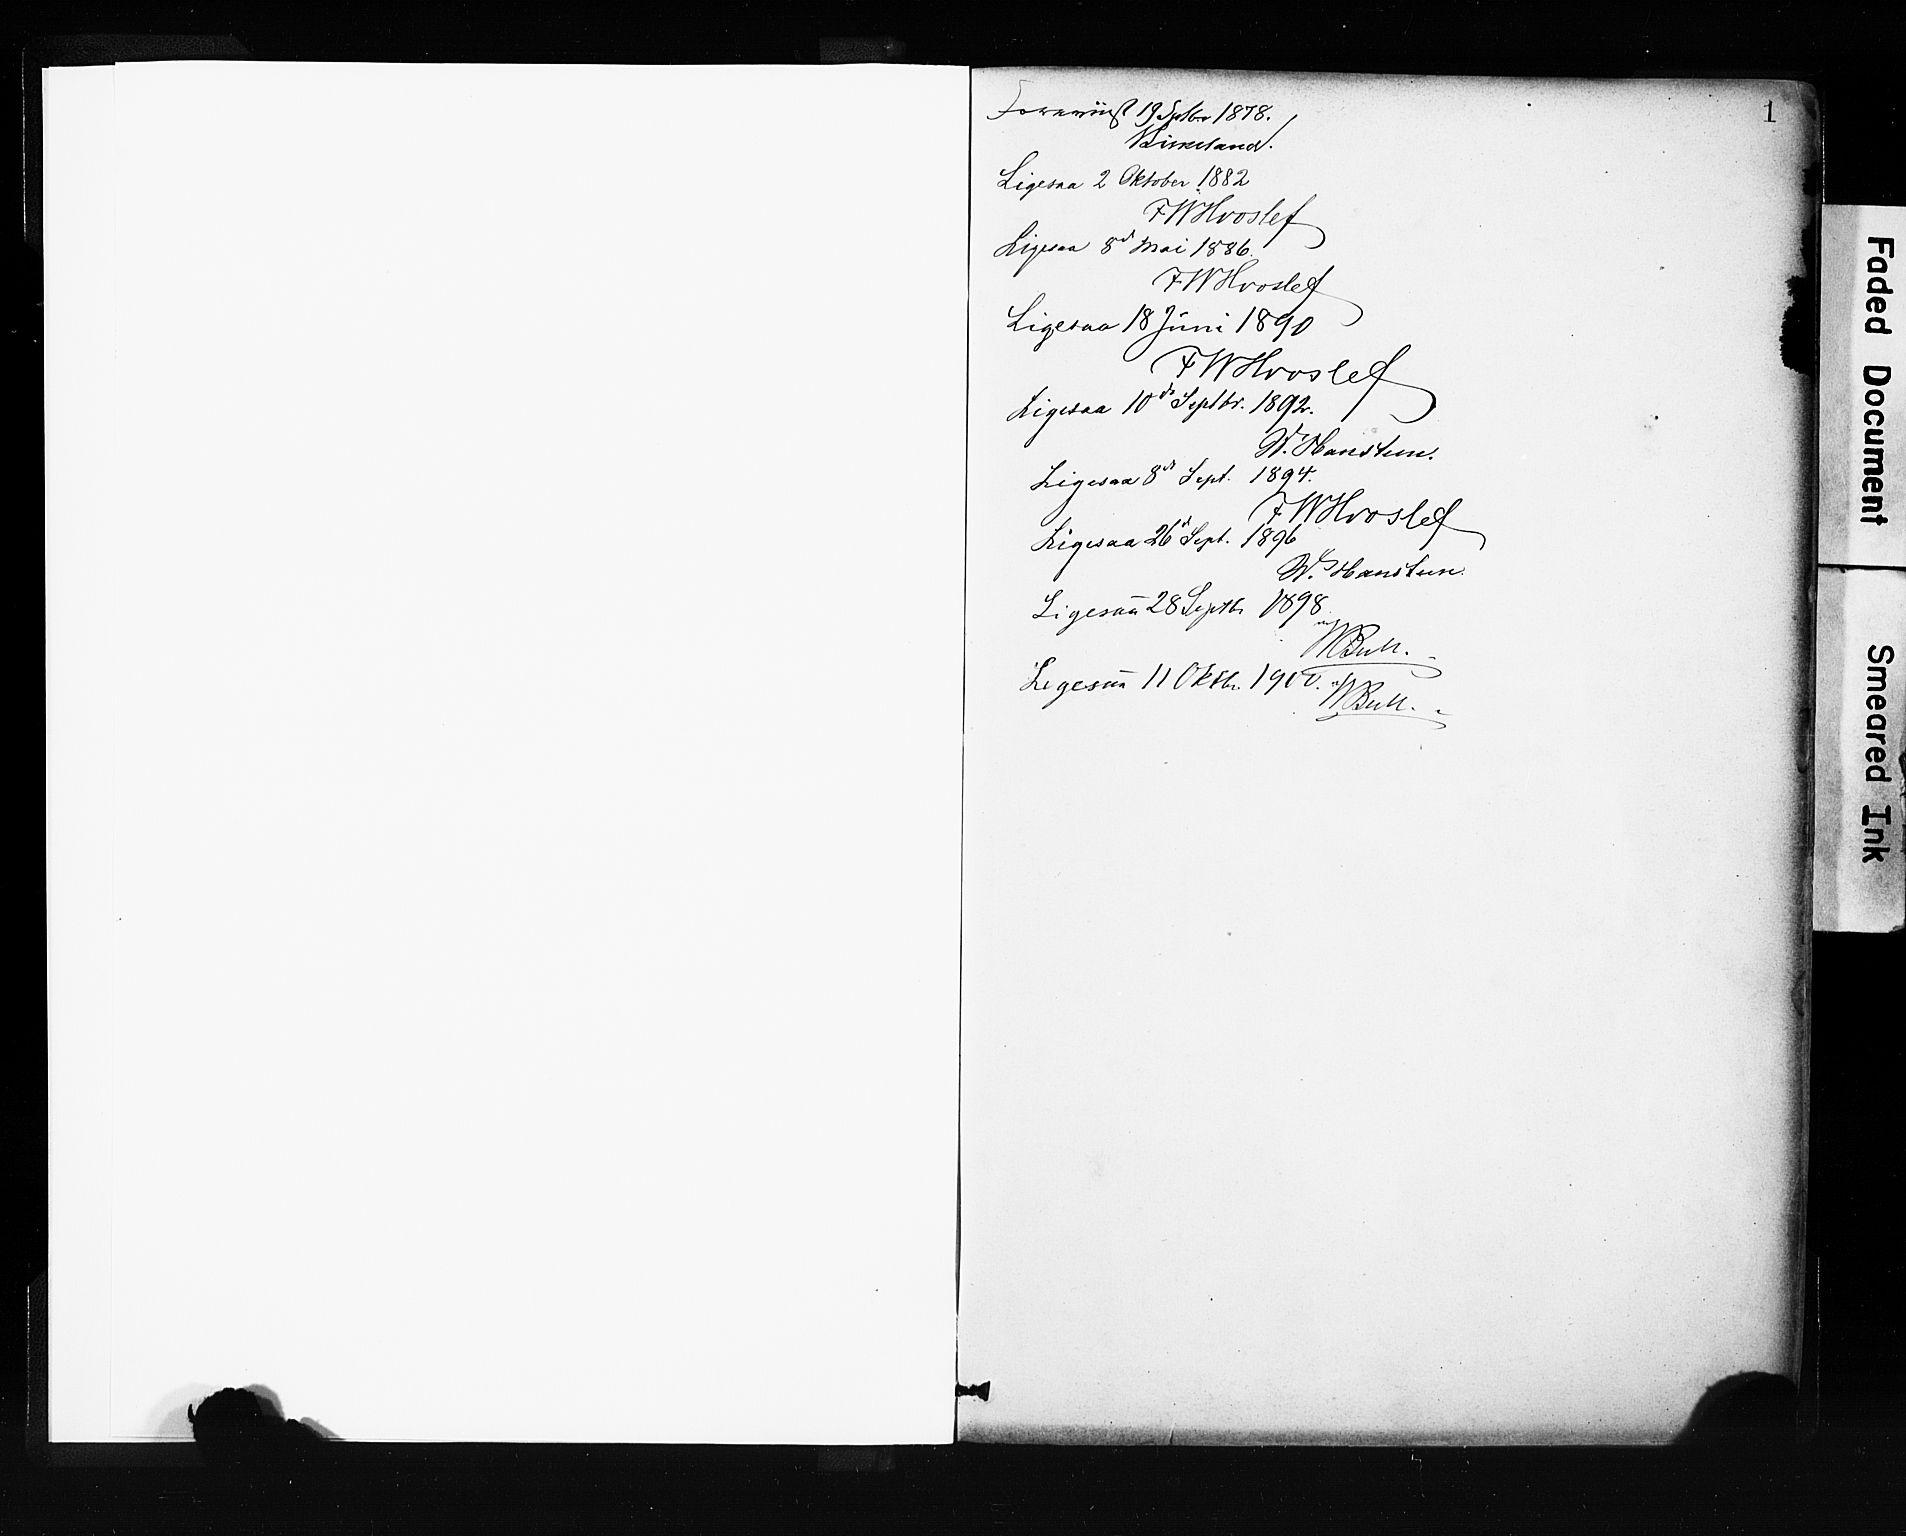 SAB, Evanger sokneprestembete*, Parish register (official) no. A 1, 1877-1899, p. 1